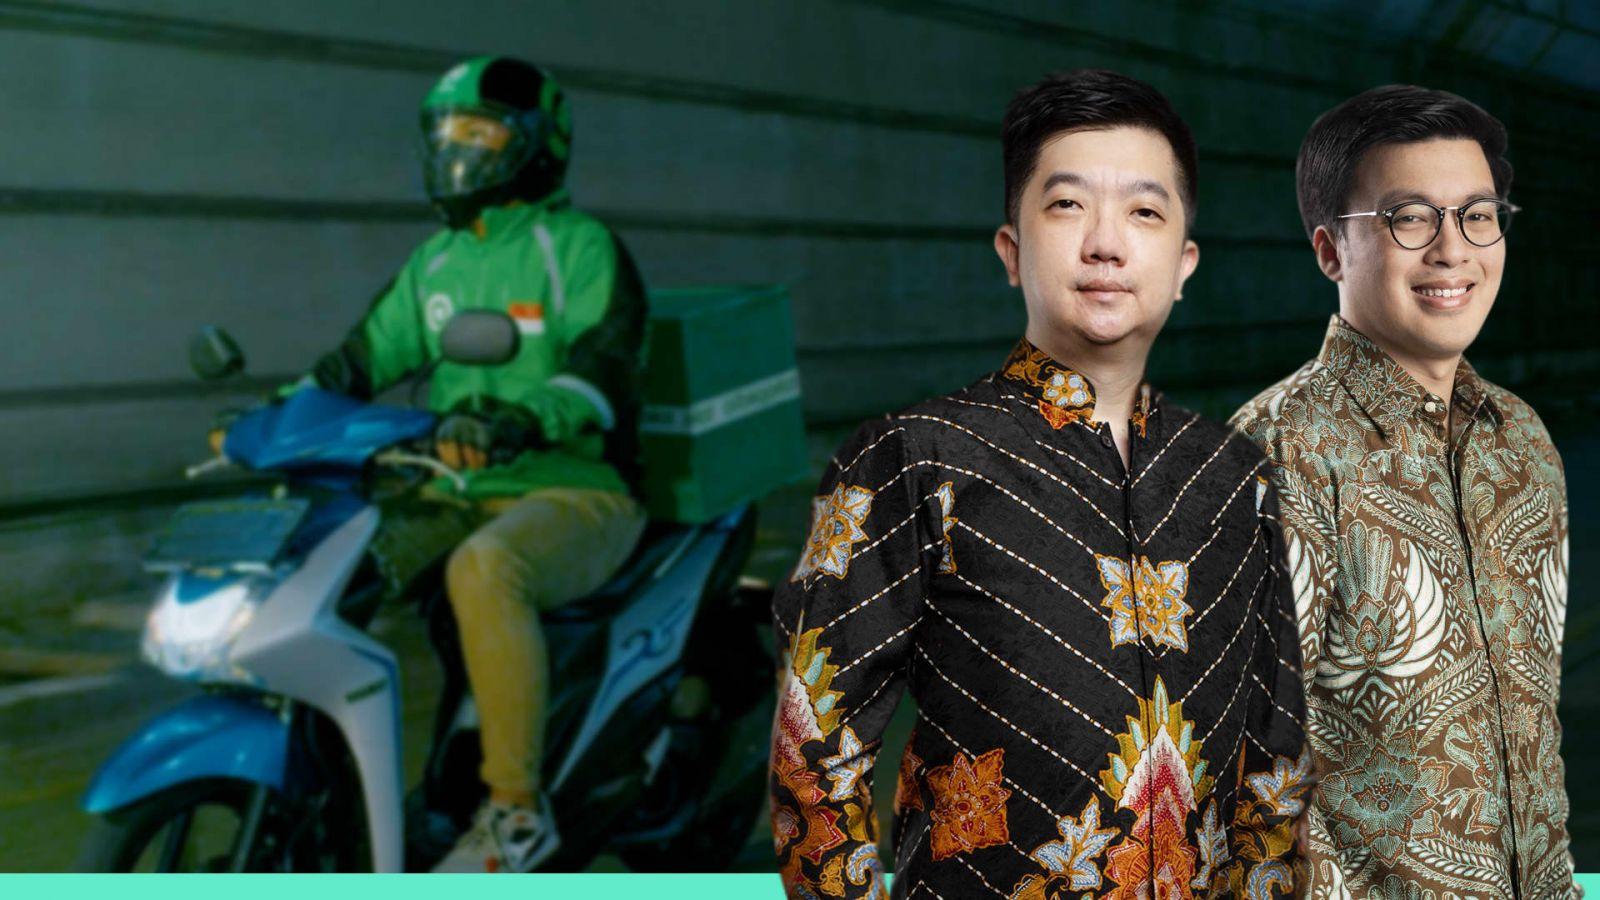 Kevin Aluwi và William Tanuwijaya, là thành viên sáng lập của GoTo Group, công ty công nghệ mới nhất và có giá trị nhất của Indonesia.